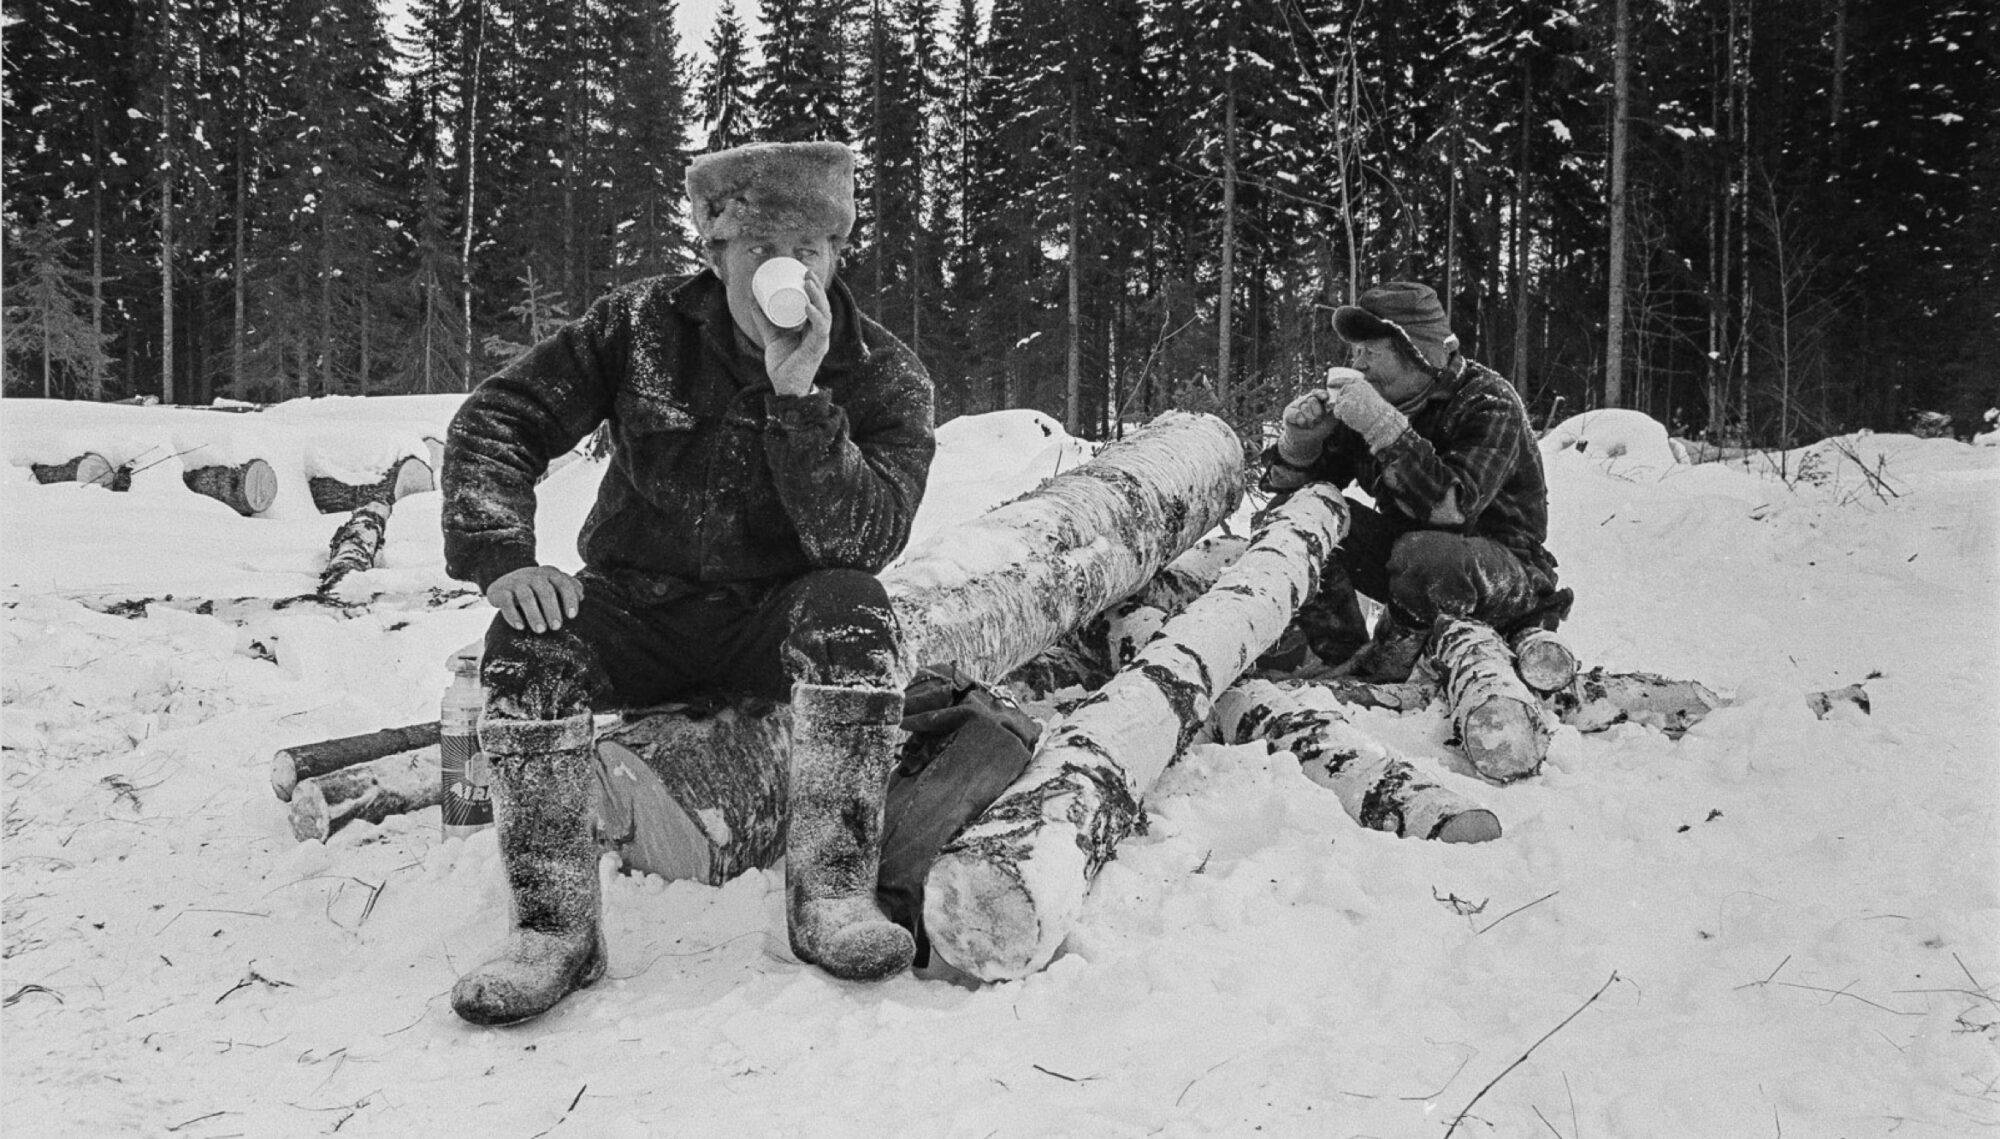 Kaksi metsätyöntekijää lumisissa vaatteissa pitämässä taukoa tukkien päällä ja juomassa kahvia.